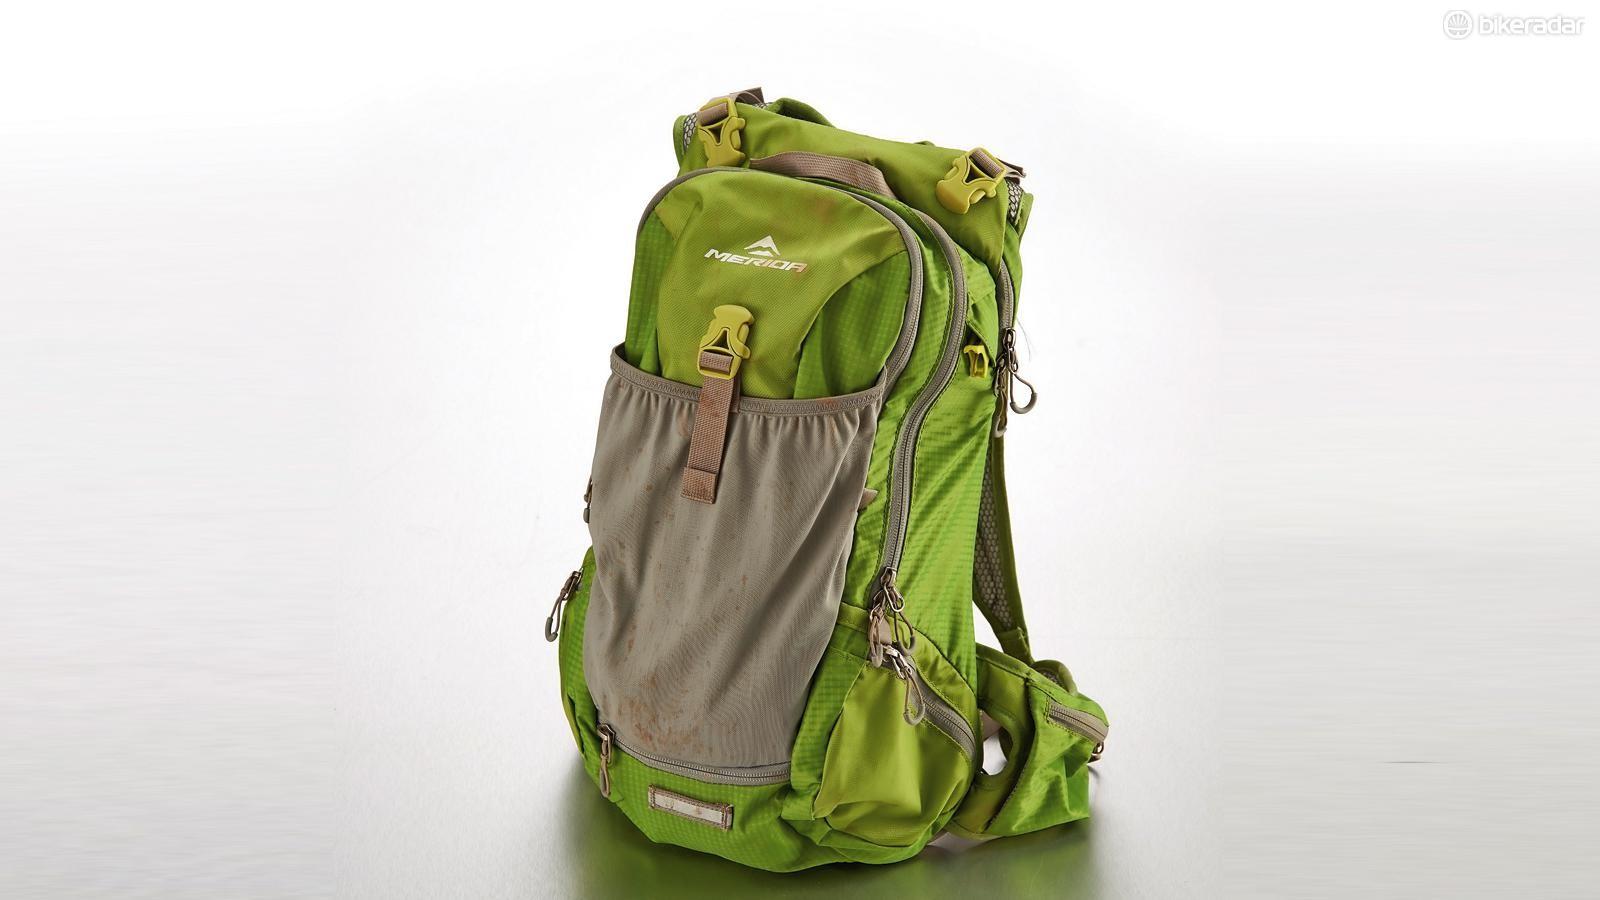 Merida backpack